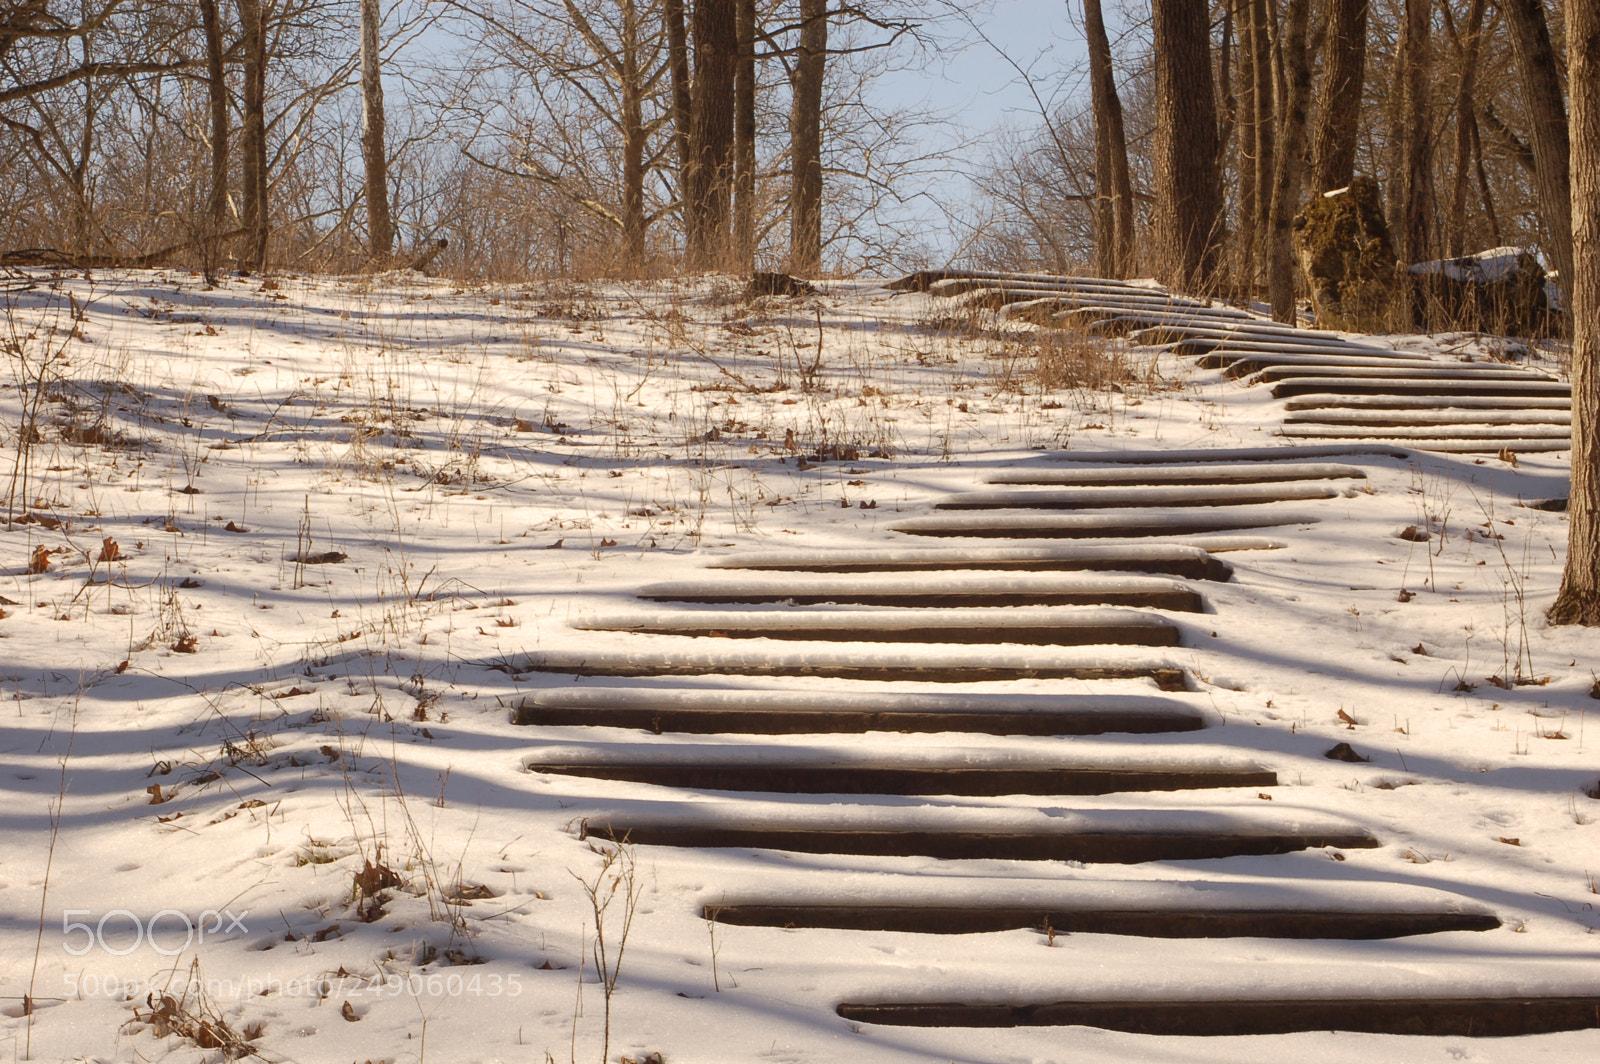 Stairway to the Top, Nikon D50, AF Zoom-Nikkor 35-70mm f/2.8D N